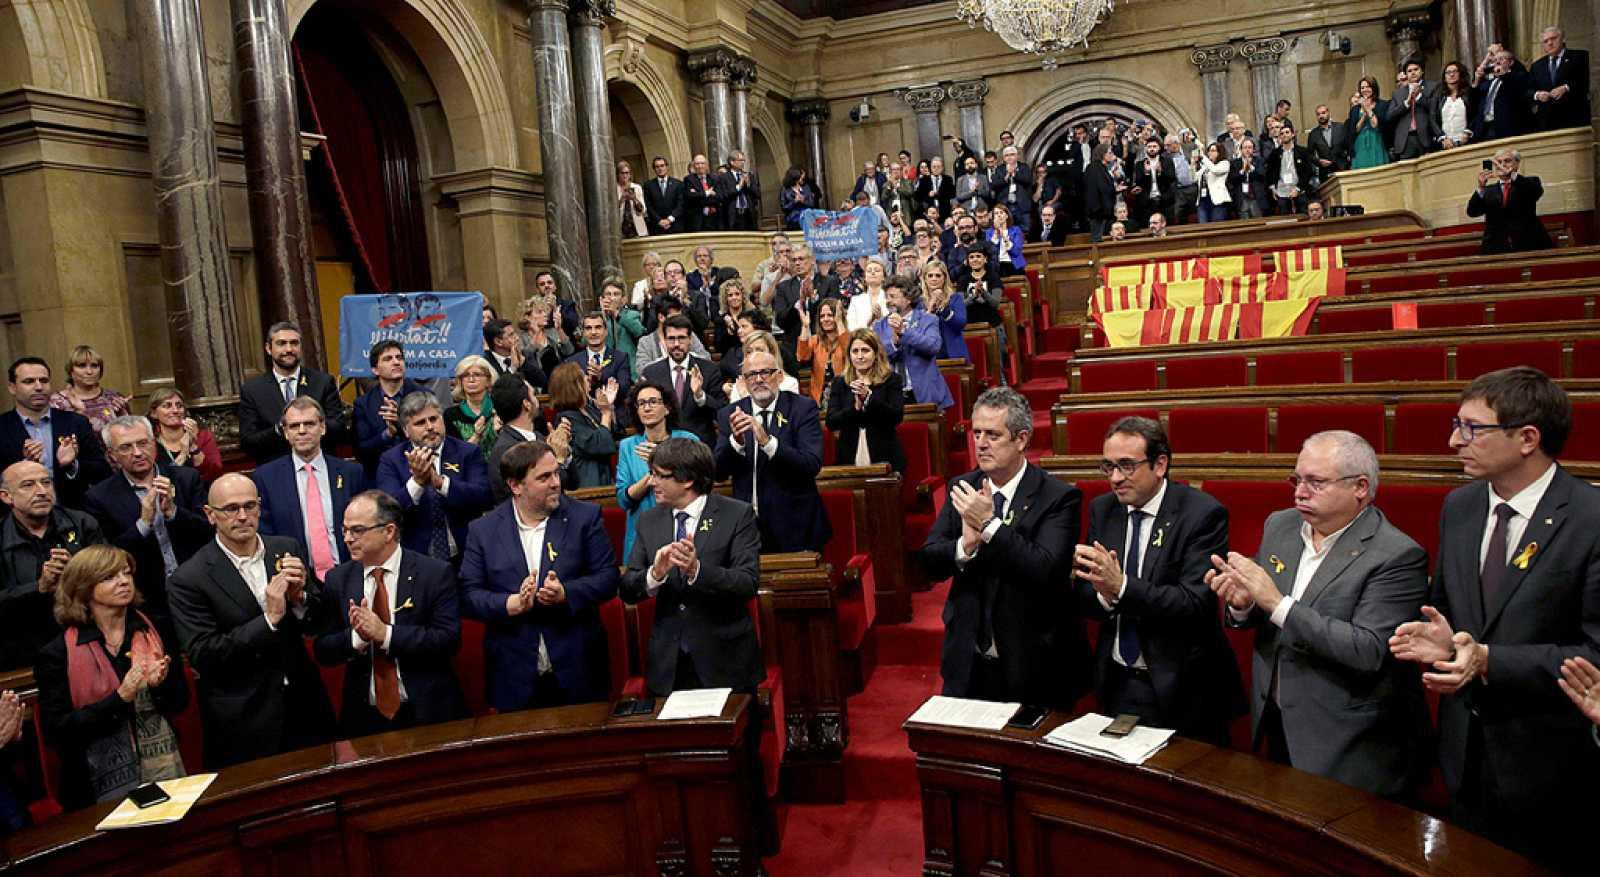 El Parlament declara la independencia de Cataluña en votación secreta y de forma unilateral